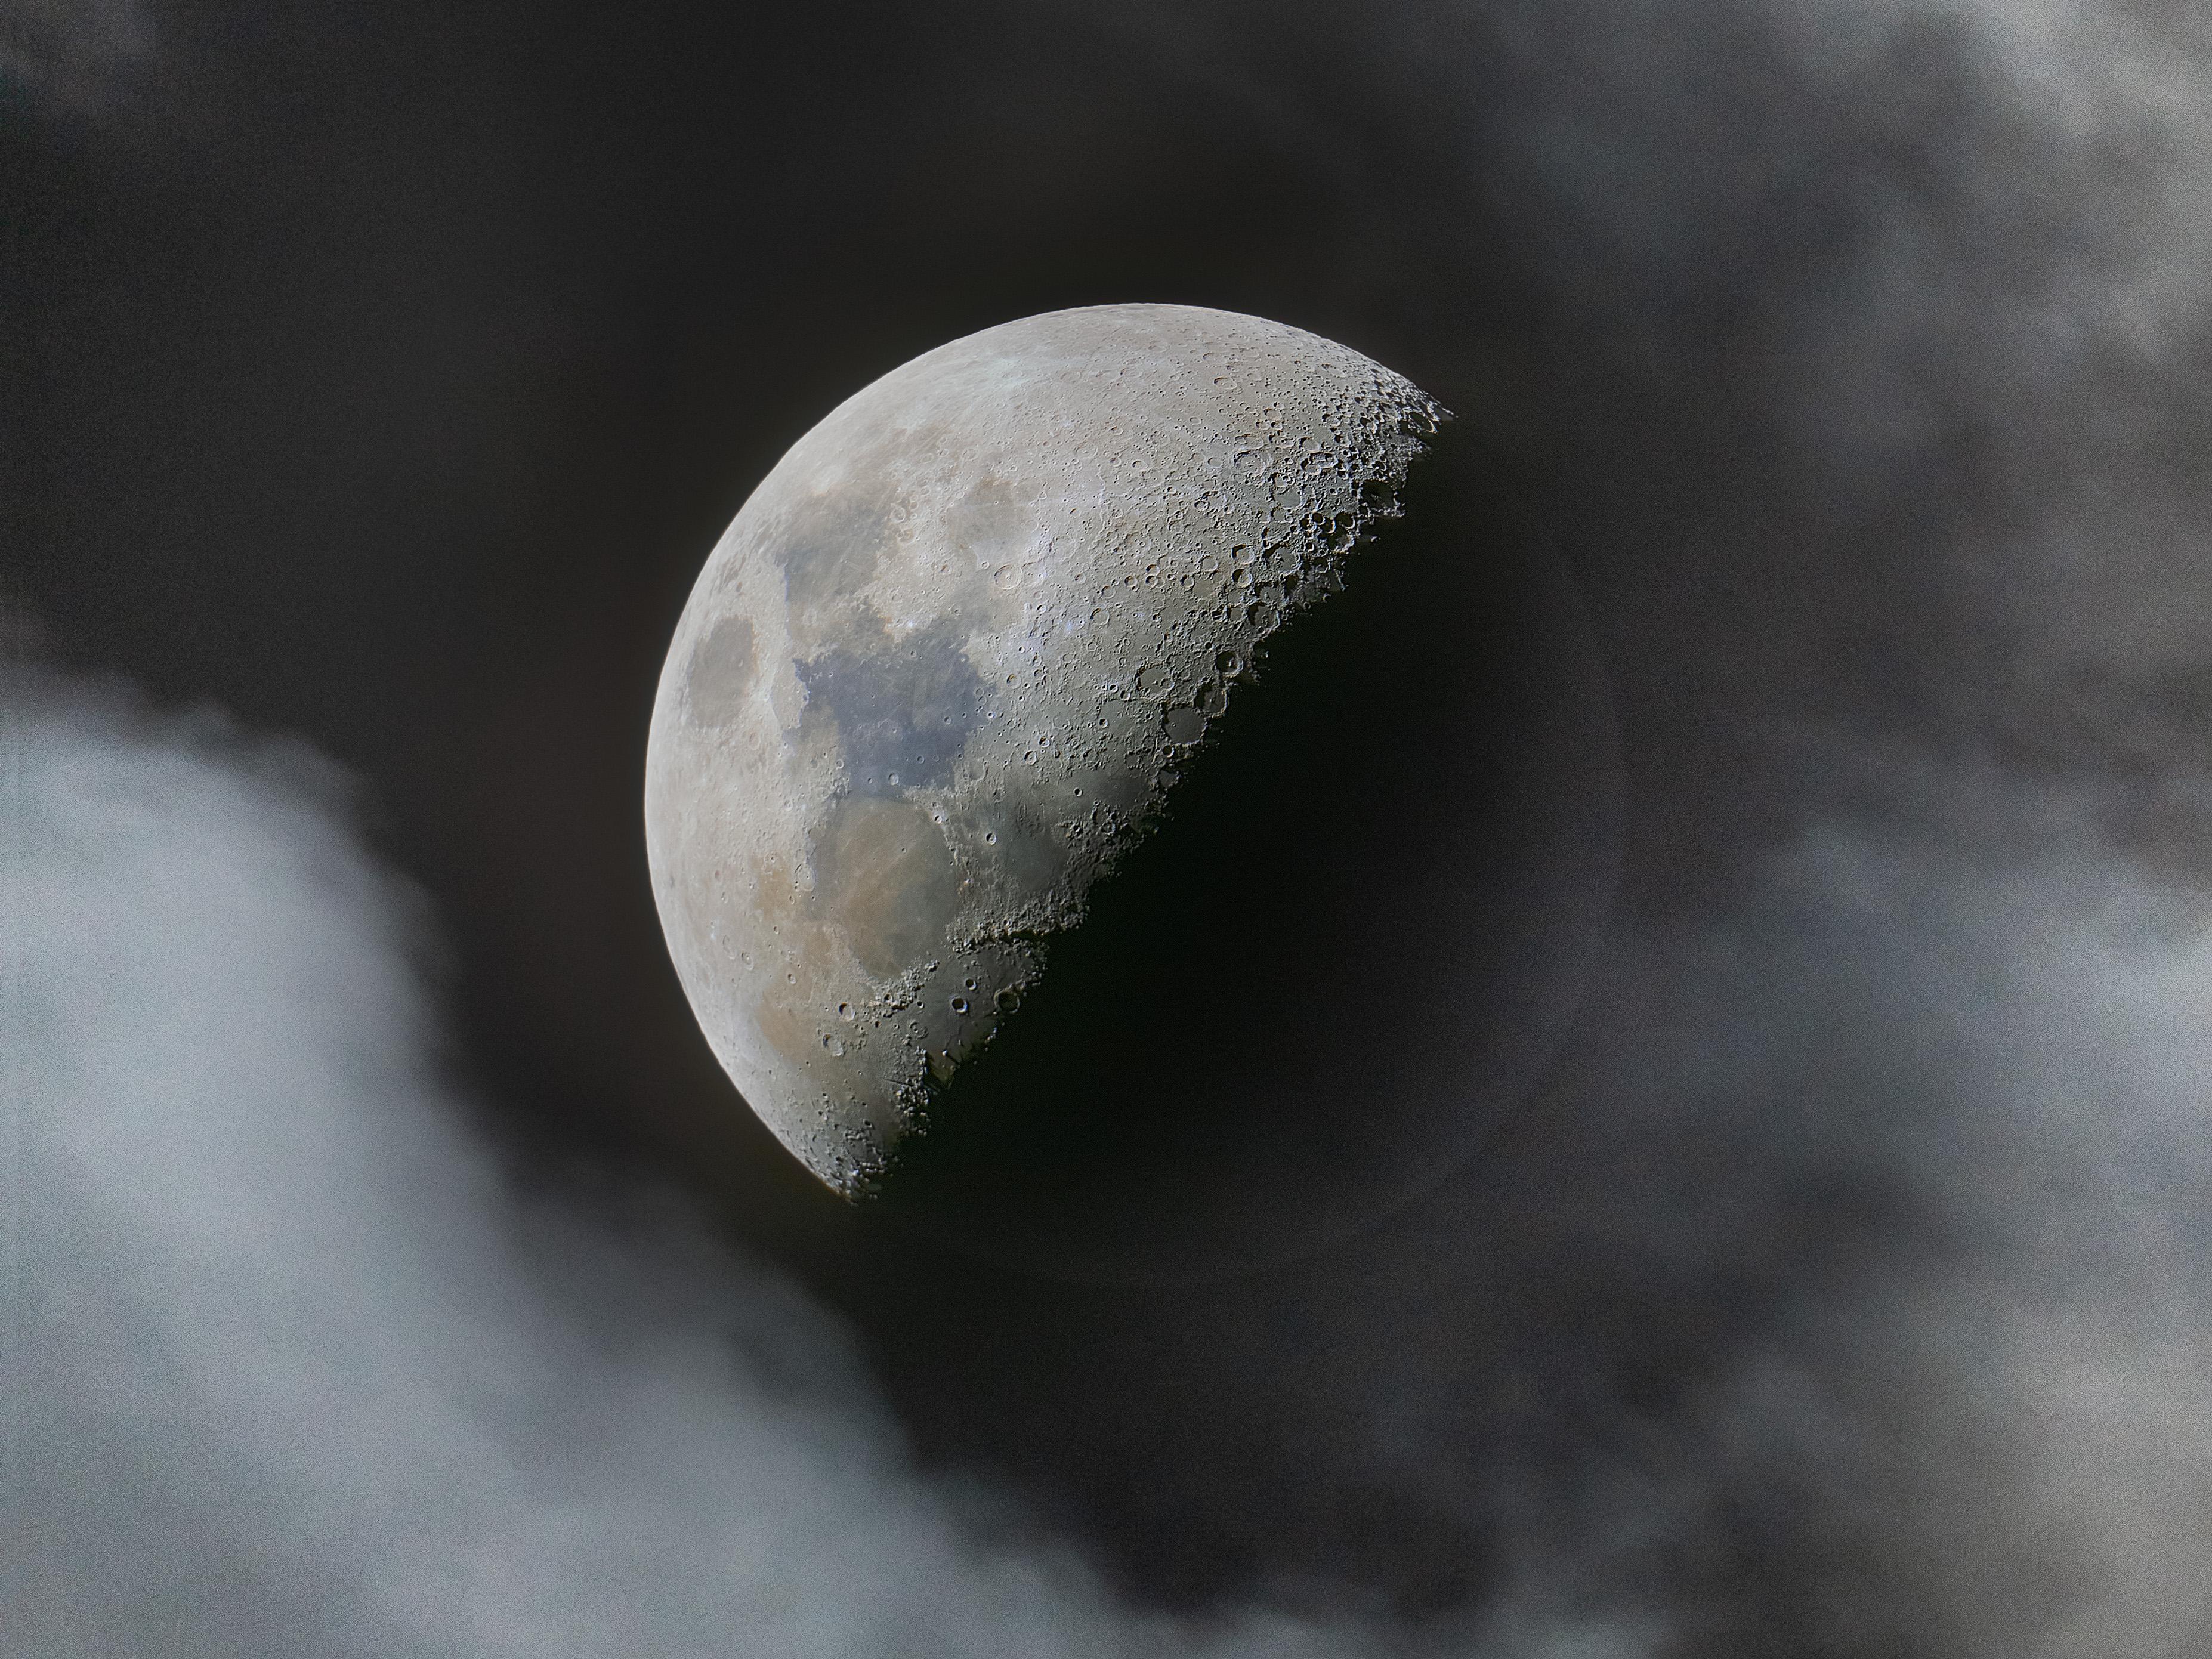 Observation de la Lune depuis la Terre EuzDpb_WQAA7dvi?format=jpg&name=4096x4096